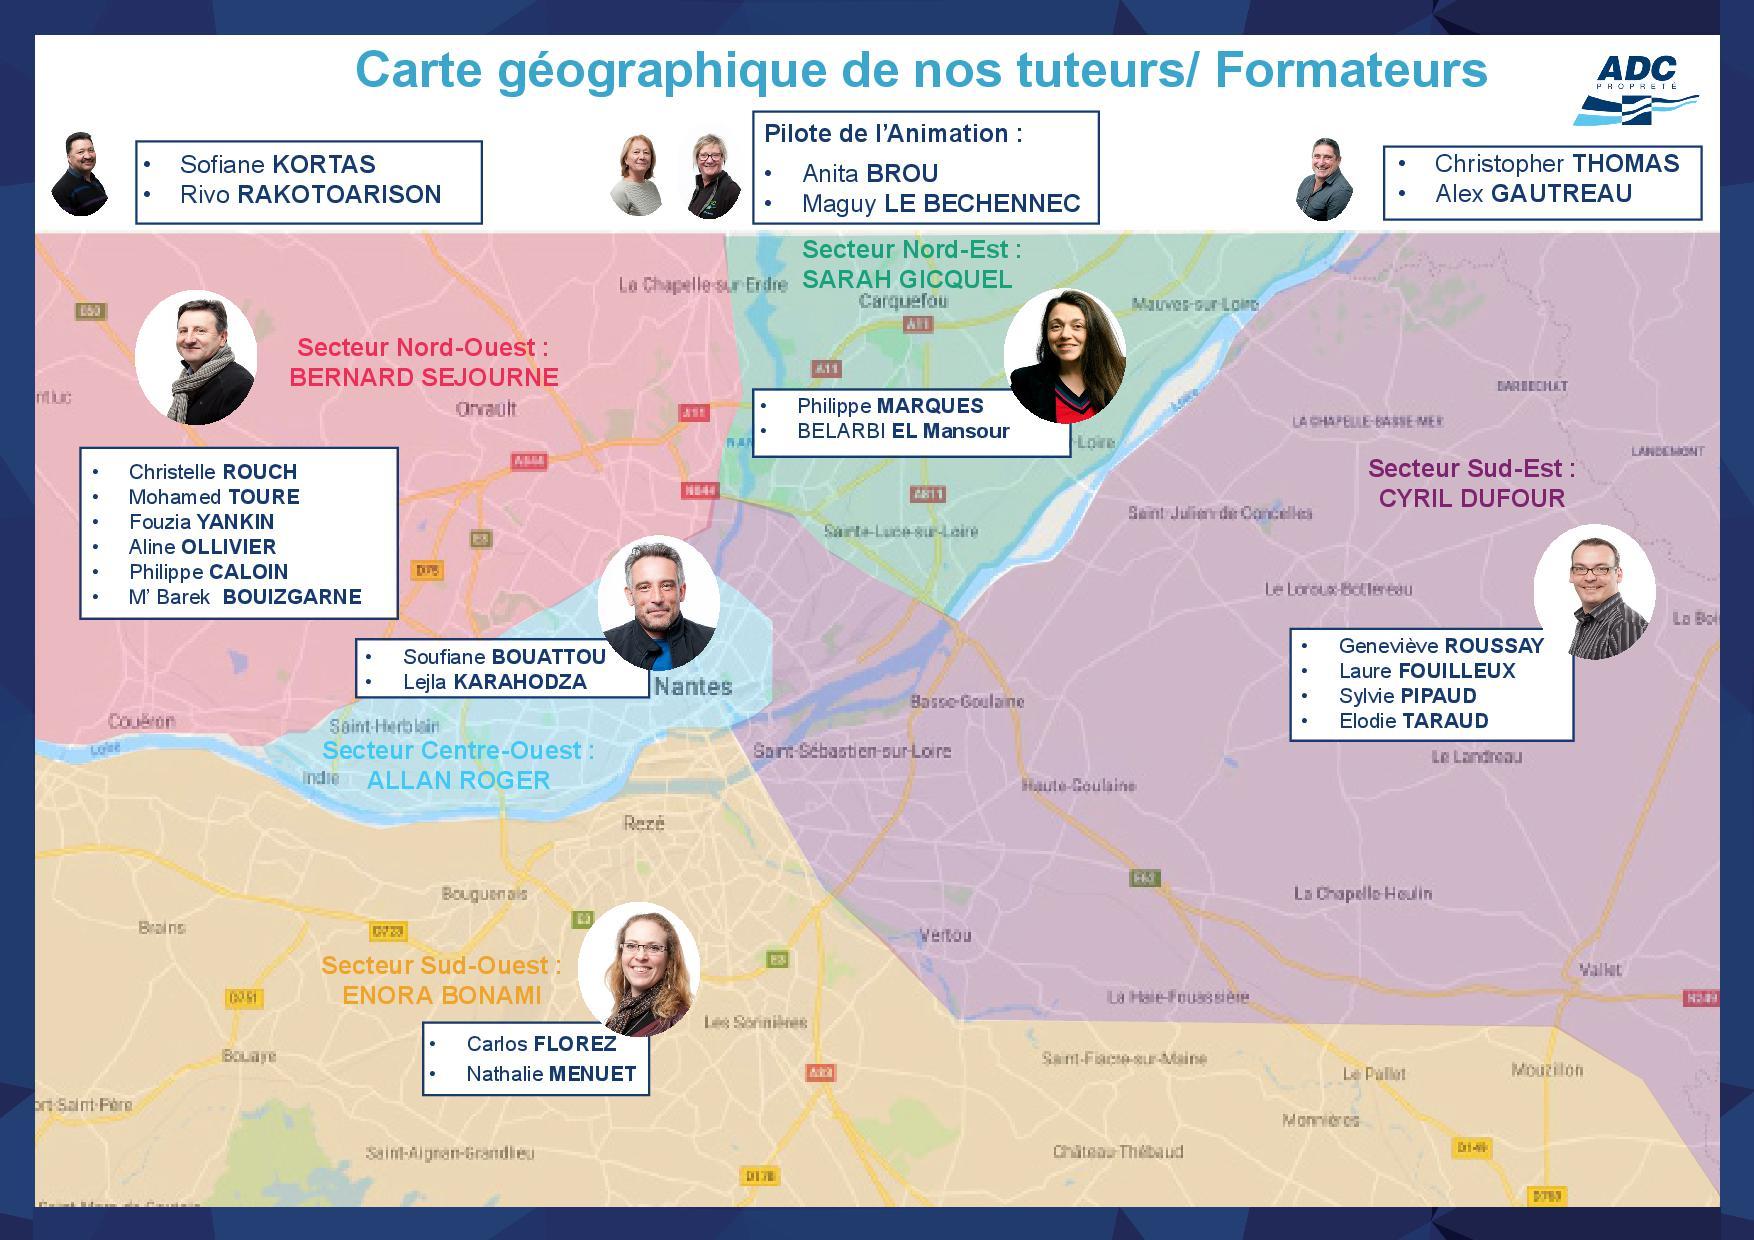 Carte géographique des tuteurs_formateurs d'ADC Propreté